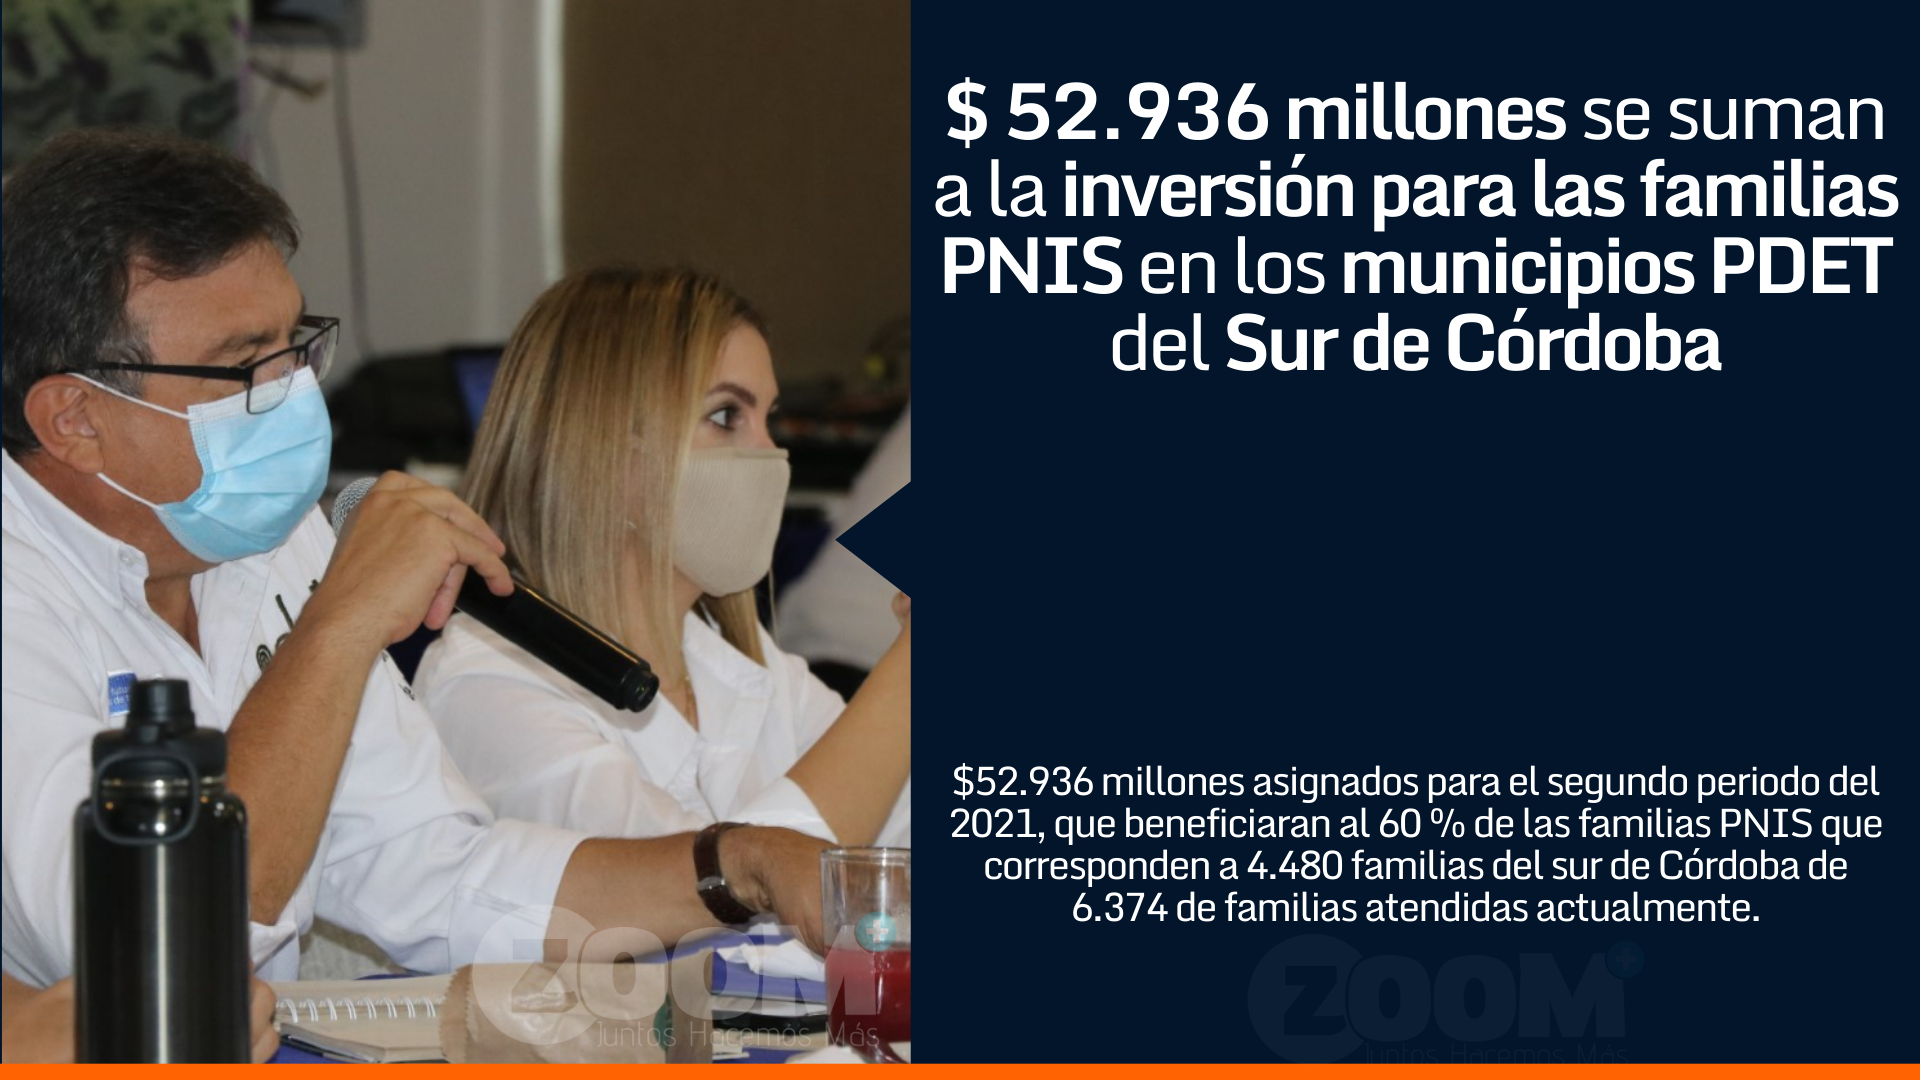 $ 52.936 millones se suman a la inversión para las familias PNIS en los municipios PDET del Sur de Córdoba